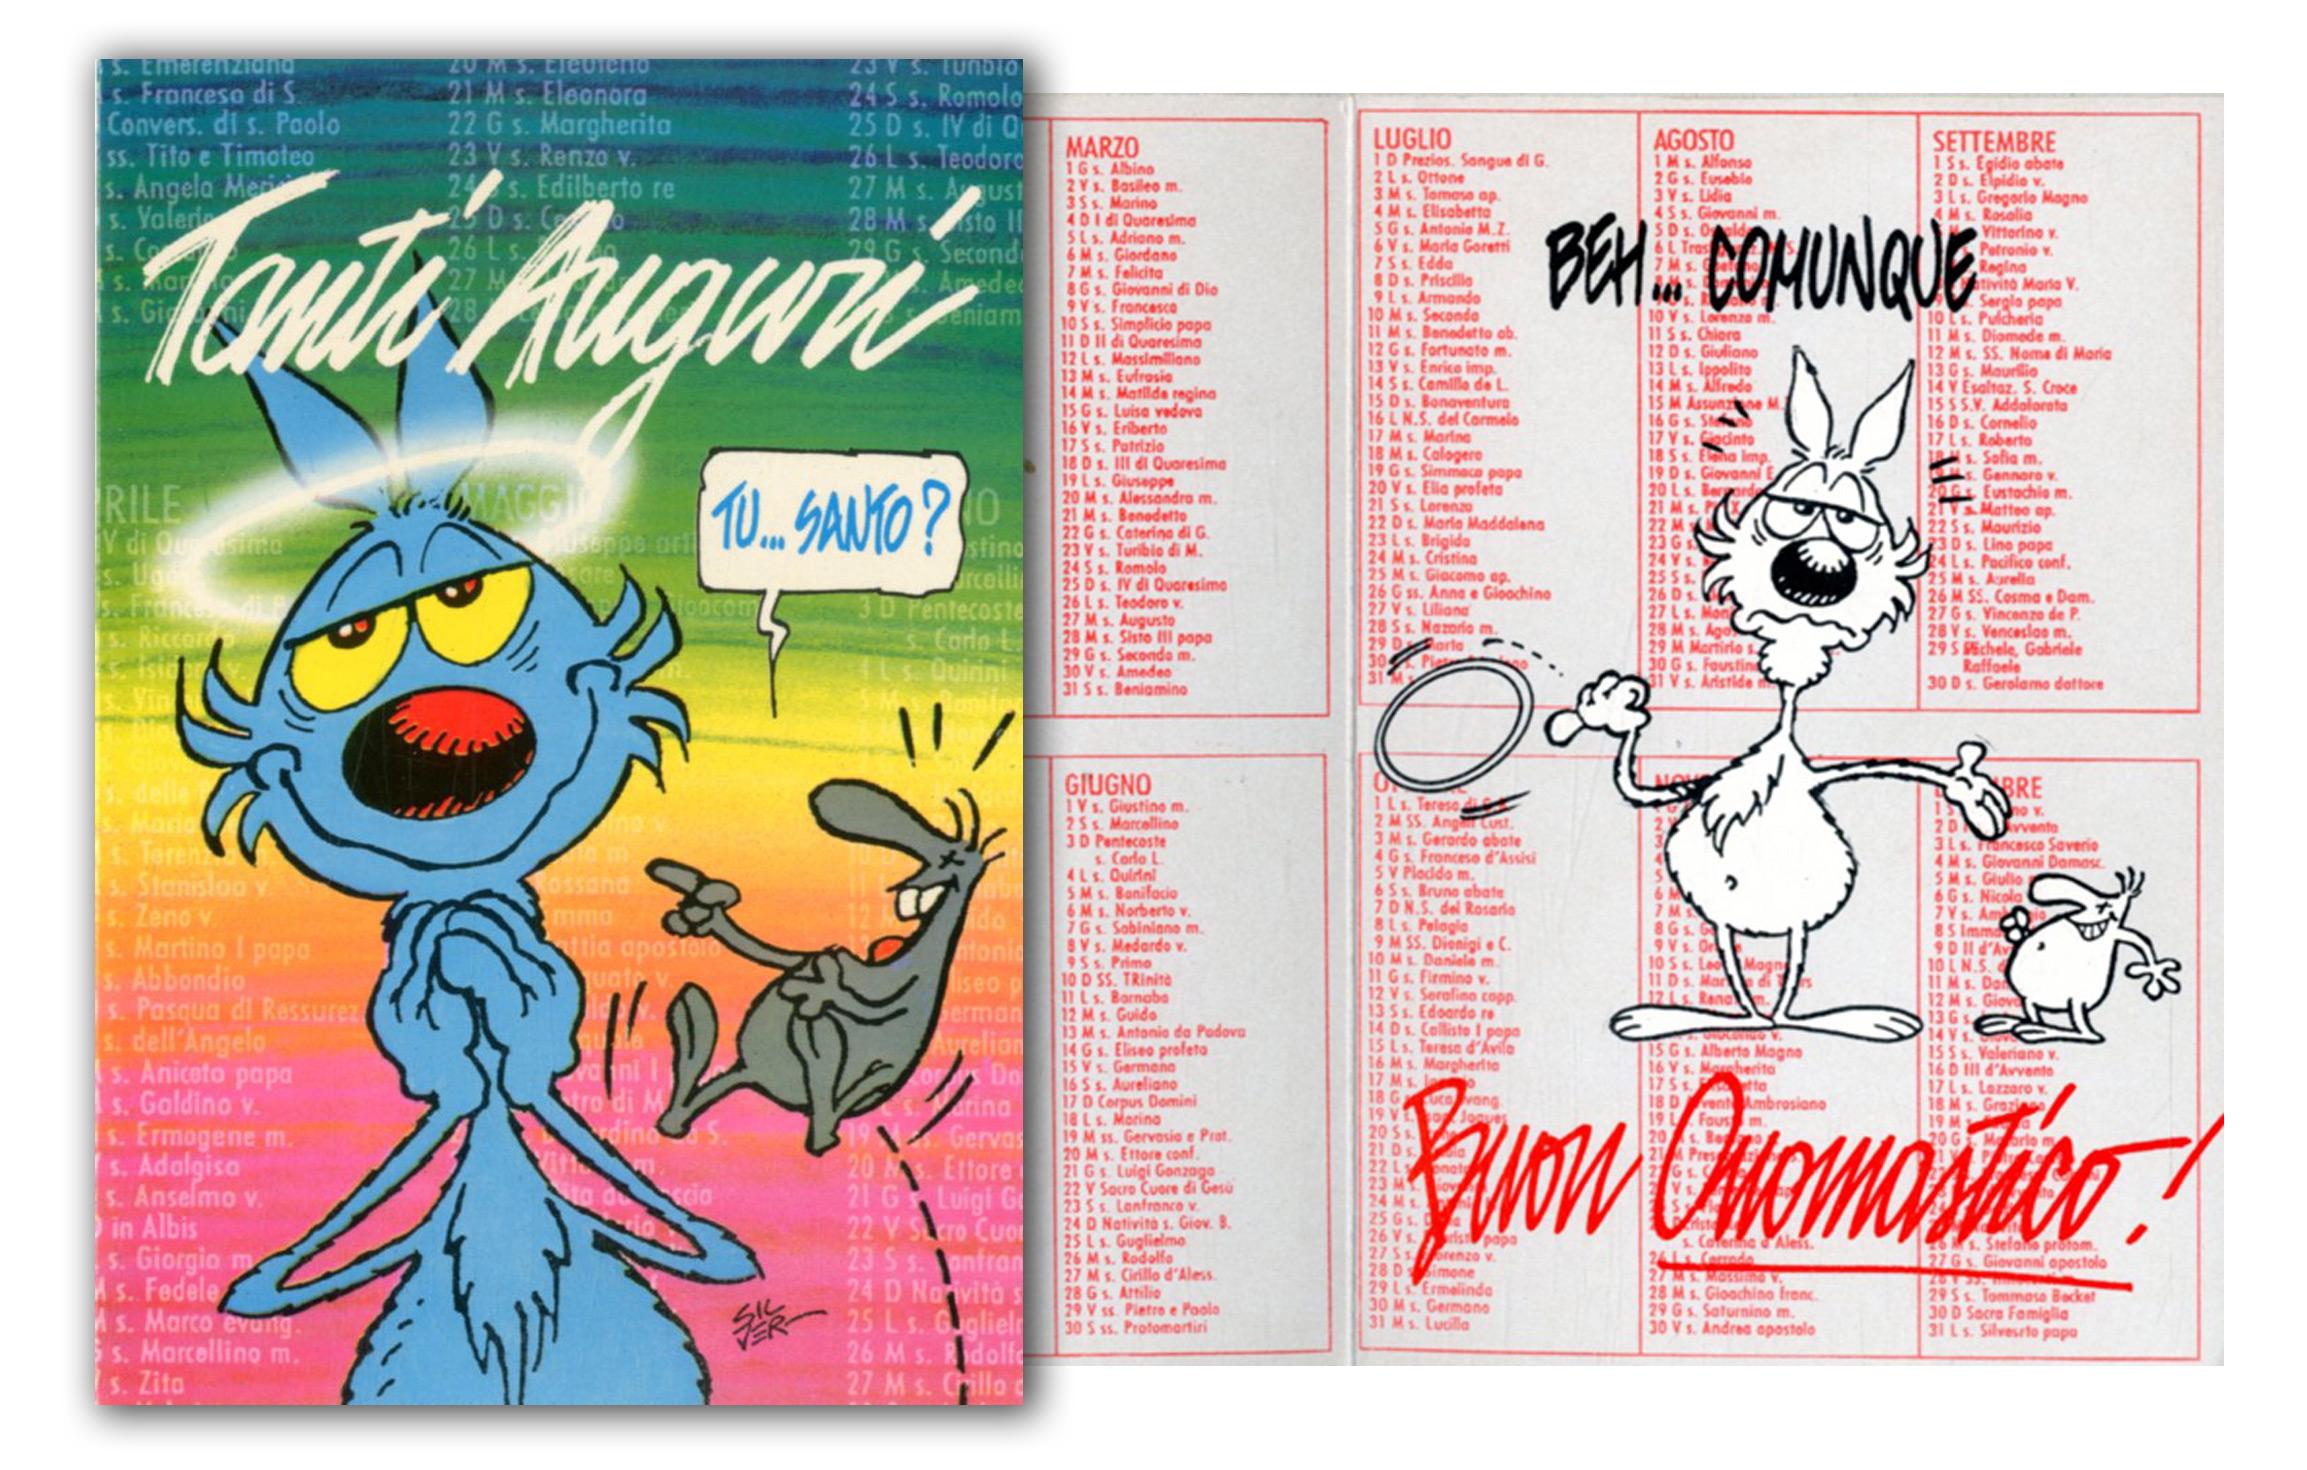 Cartoline Biglietti Poster Biglietto Lupo Alberto 3 Buon